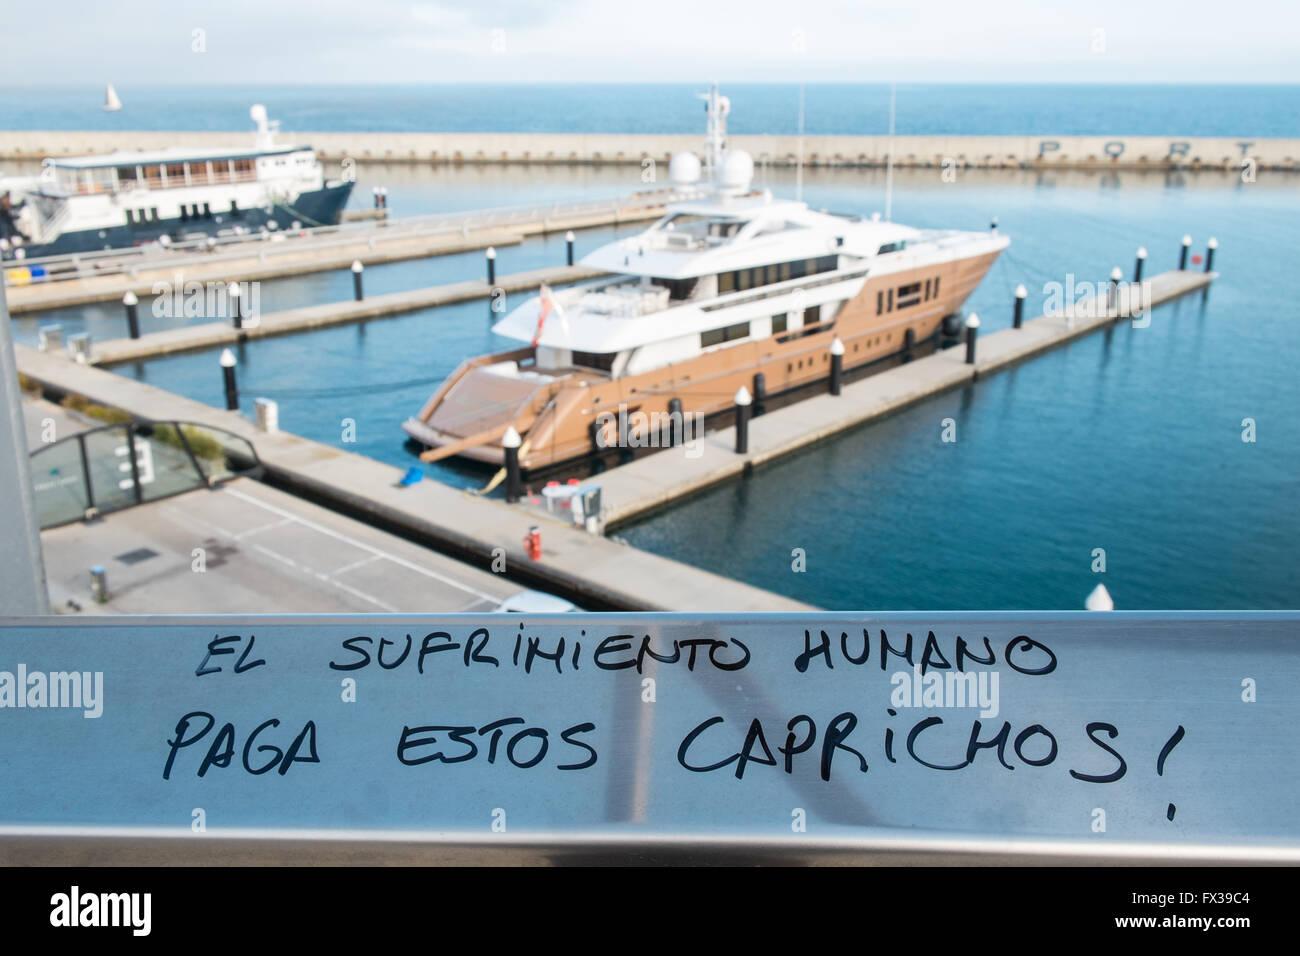 Anticapitalist,grafitti,graffiti,Marina Forum,port for private boats and yachts,Parc de la Forum,Sant Marti district,Barcelona,Catalonia,Spain,Spanish - Stock Image